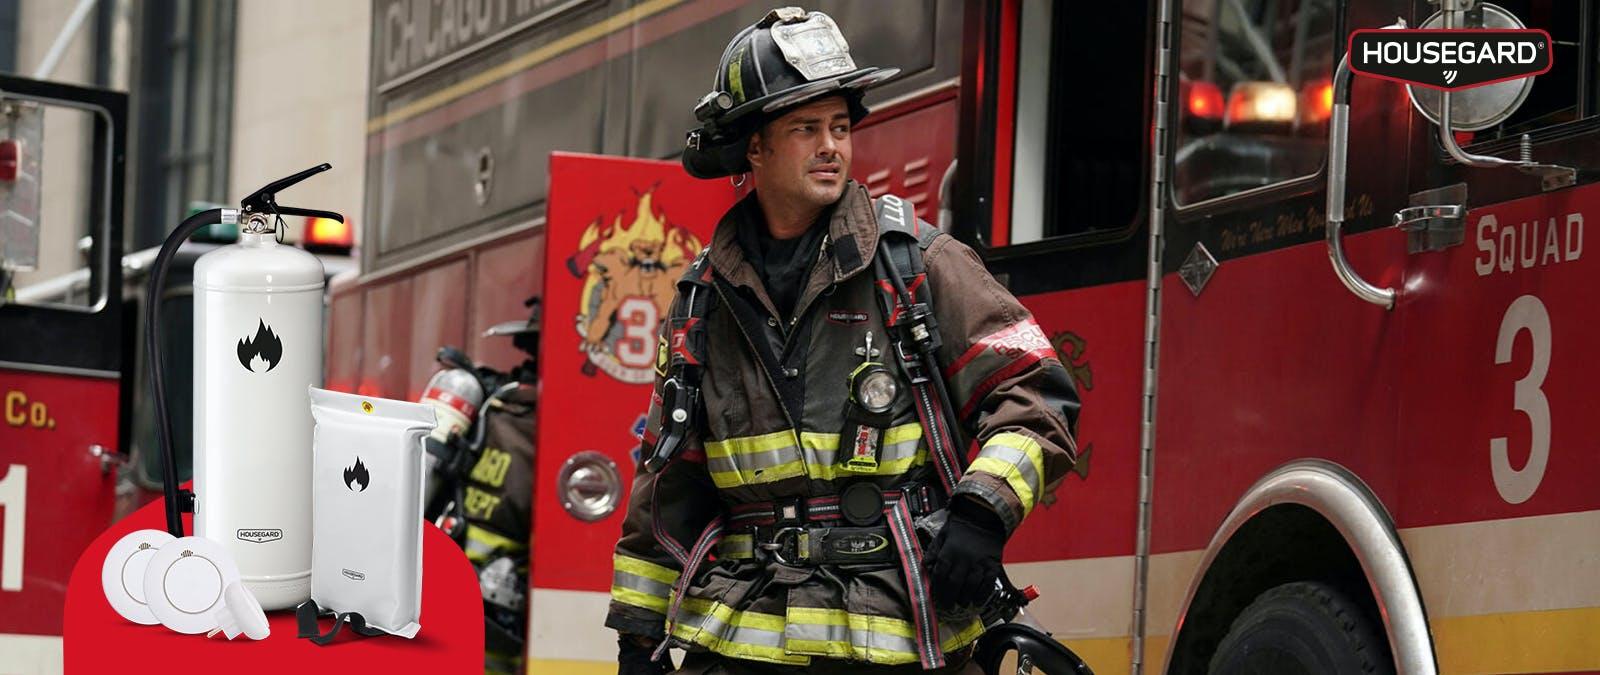 Taylor Kinney i Chicago Fire och en brandsläckare från Housegard. Foto: Viaplay och Housegard.